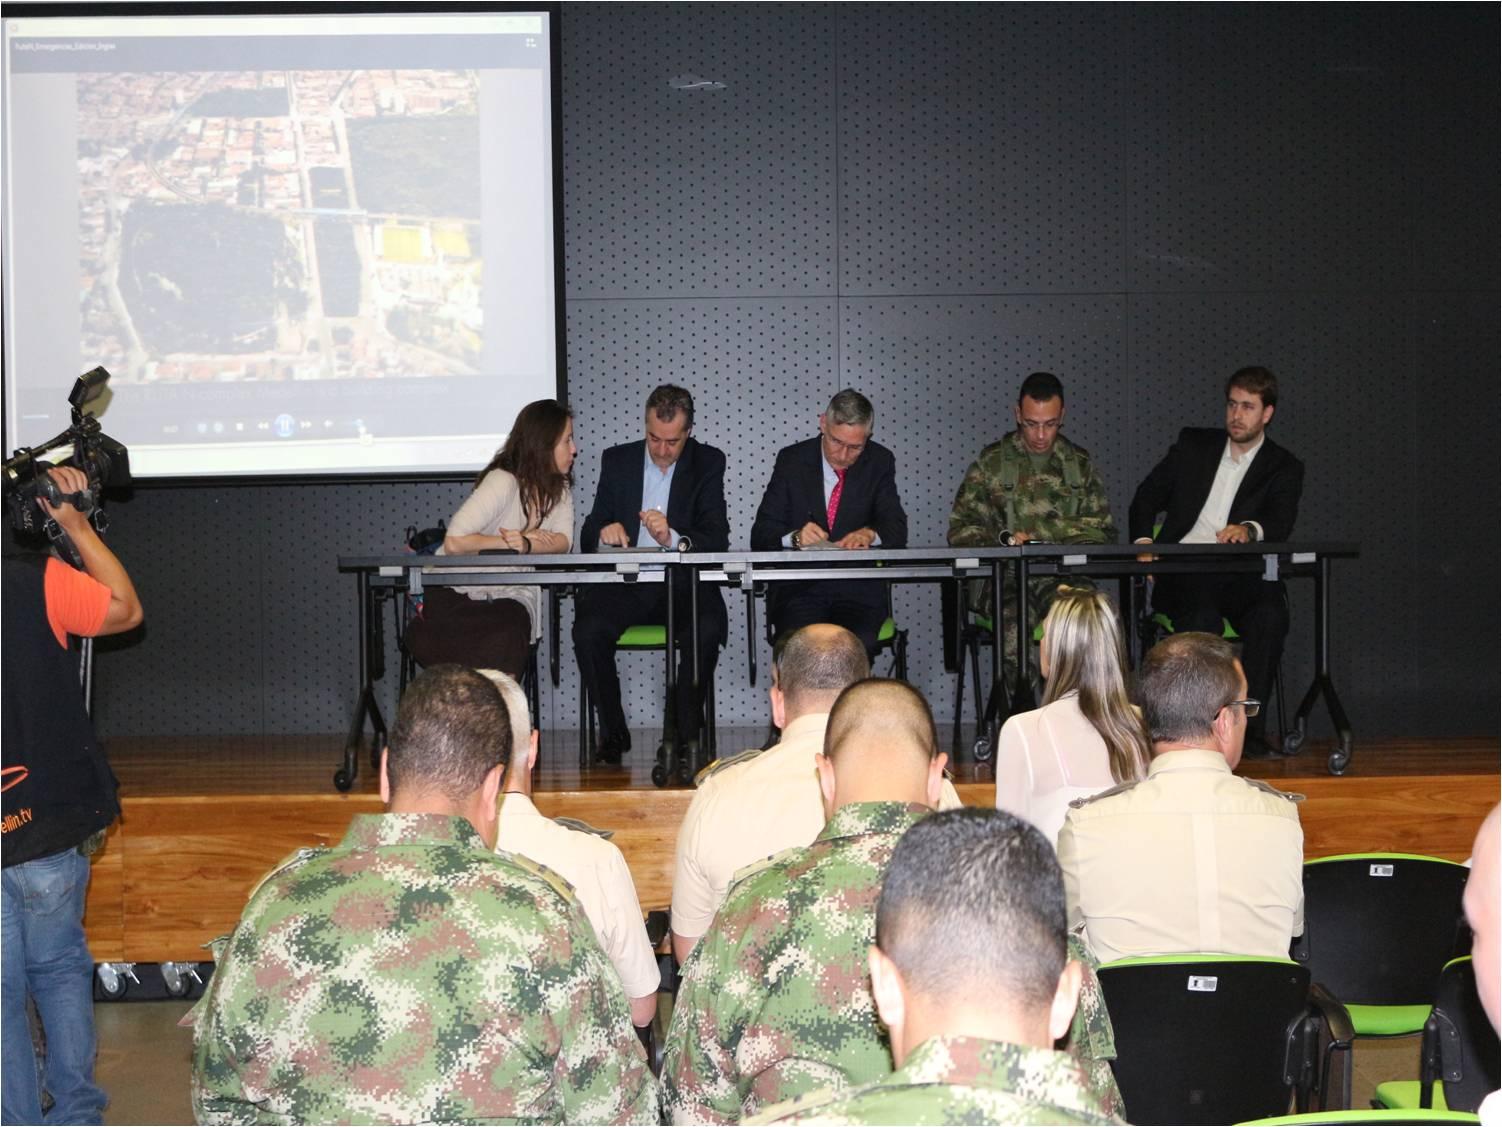 Foto: Séptima División del Ejército Nacional de Colombia